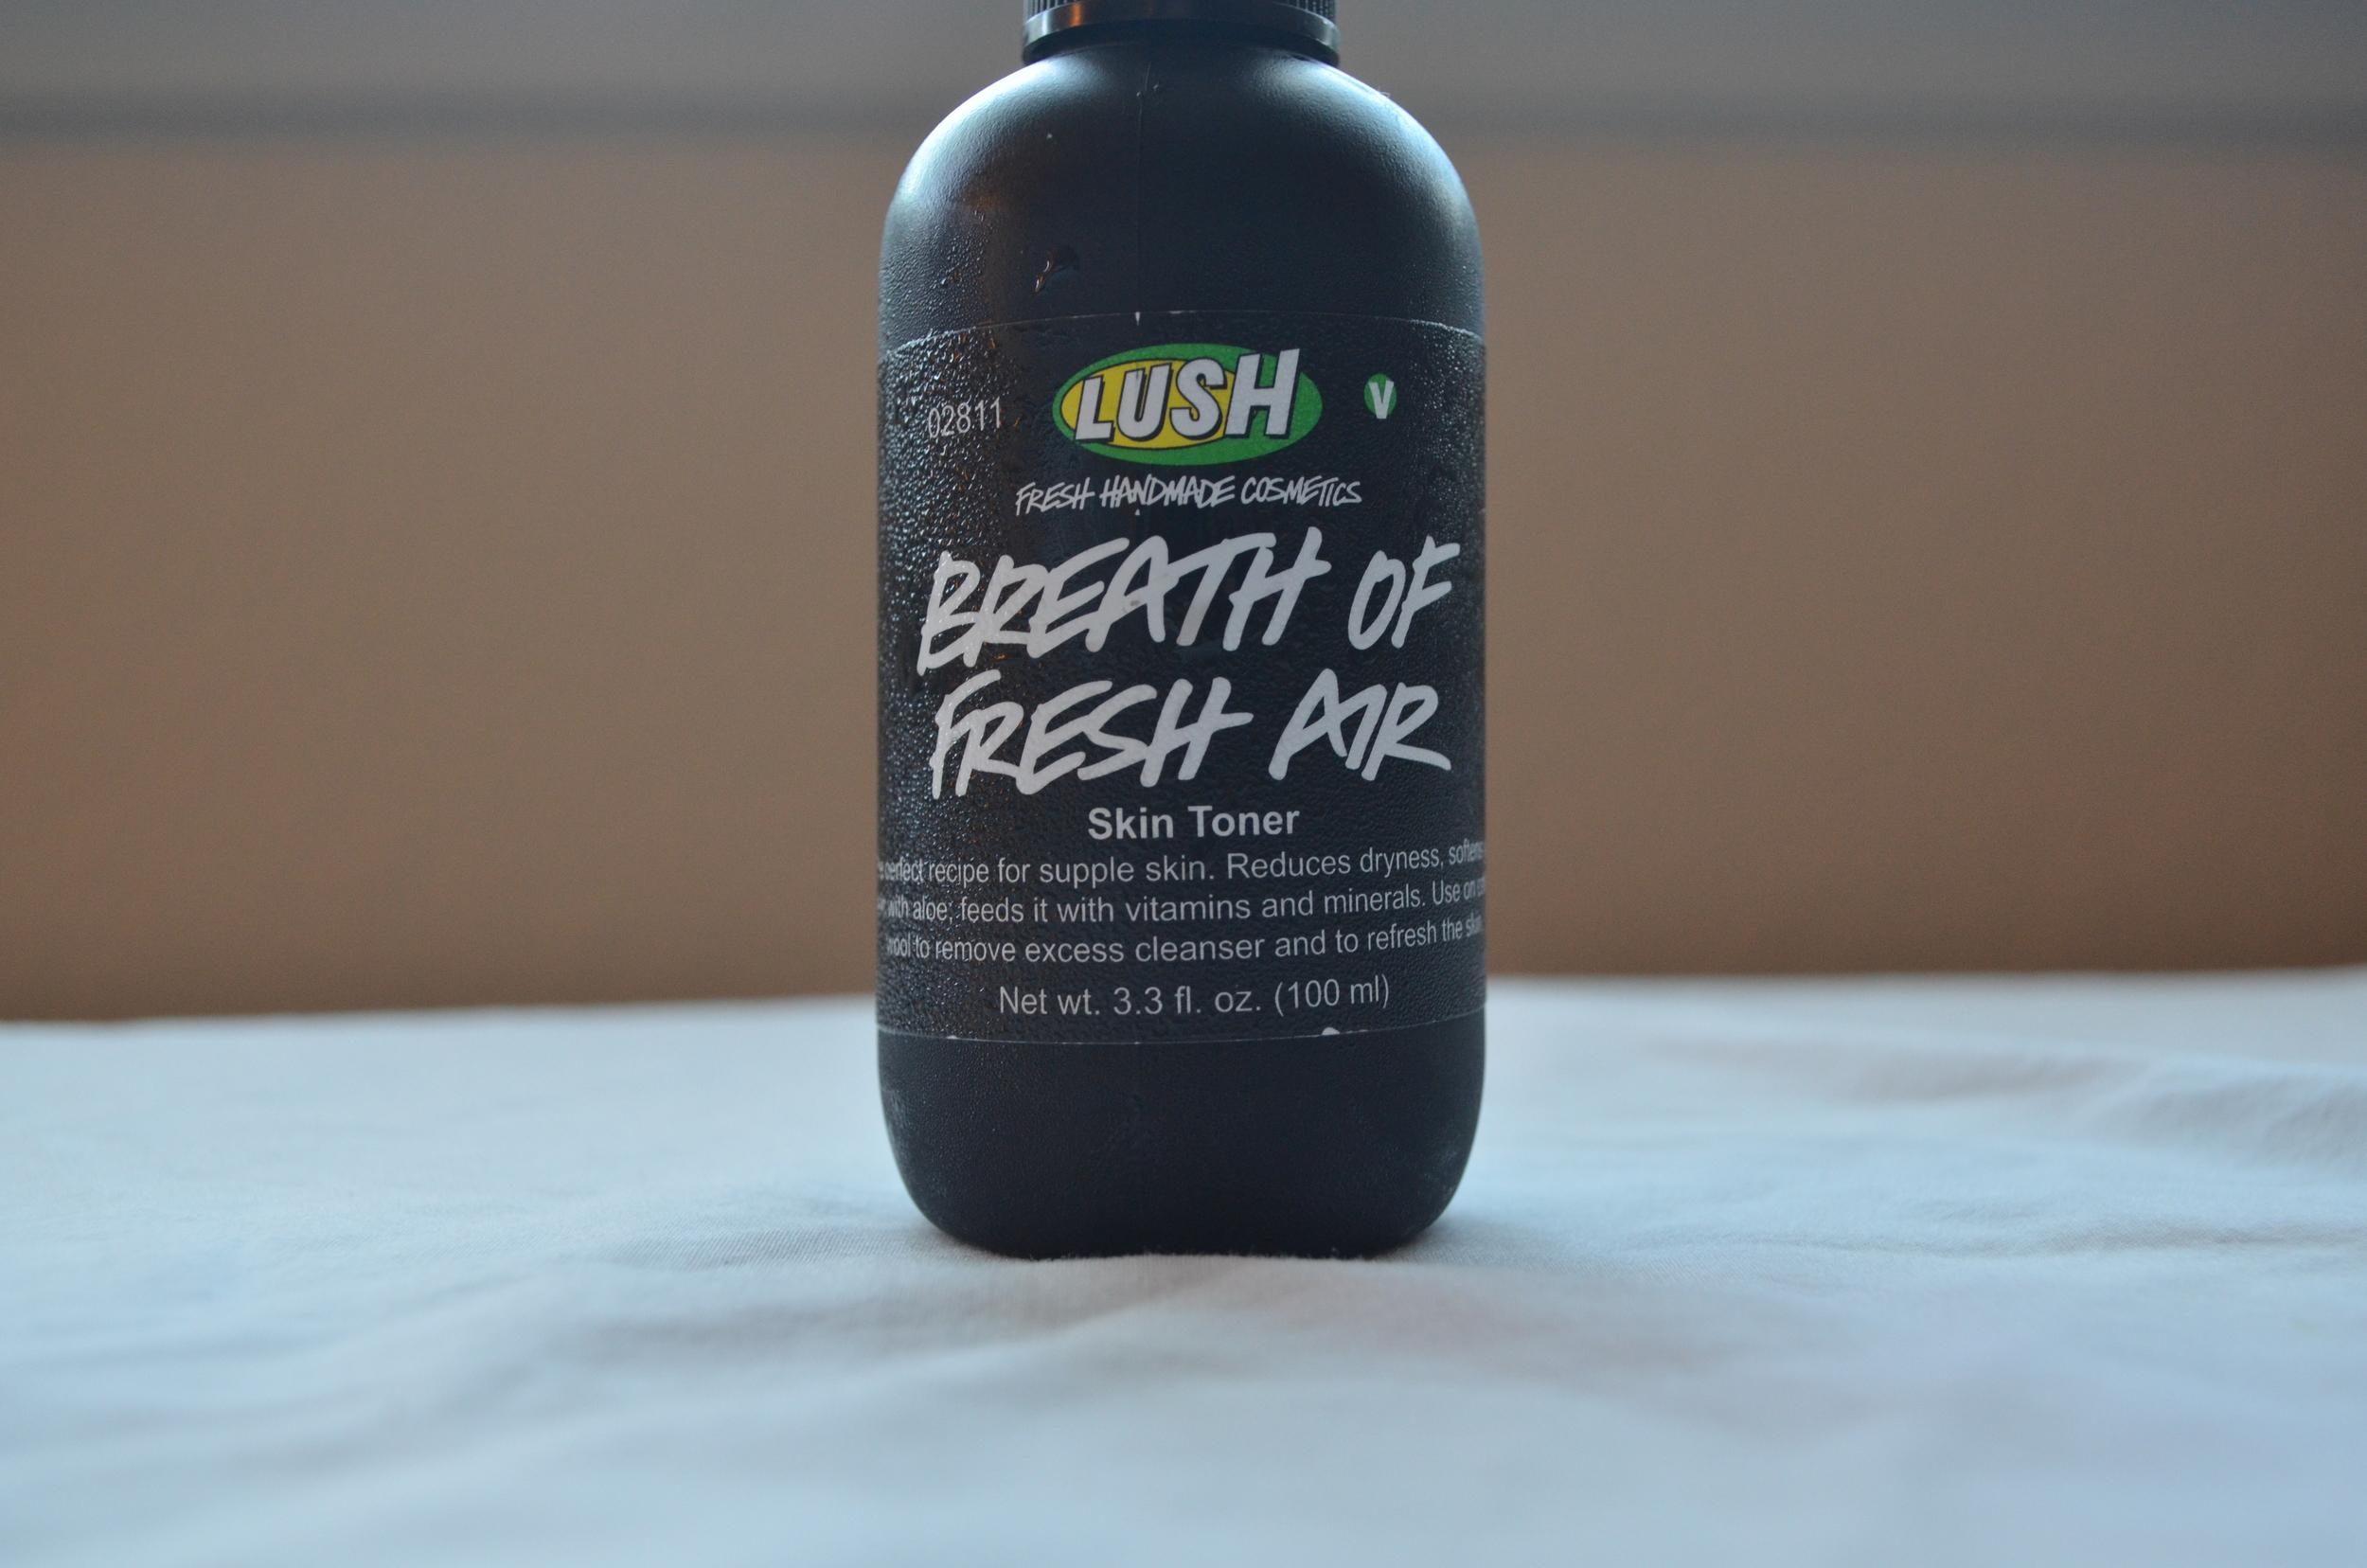 lush breath of fresh air review